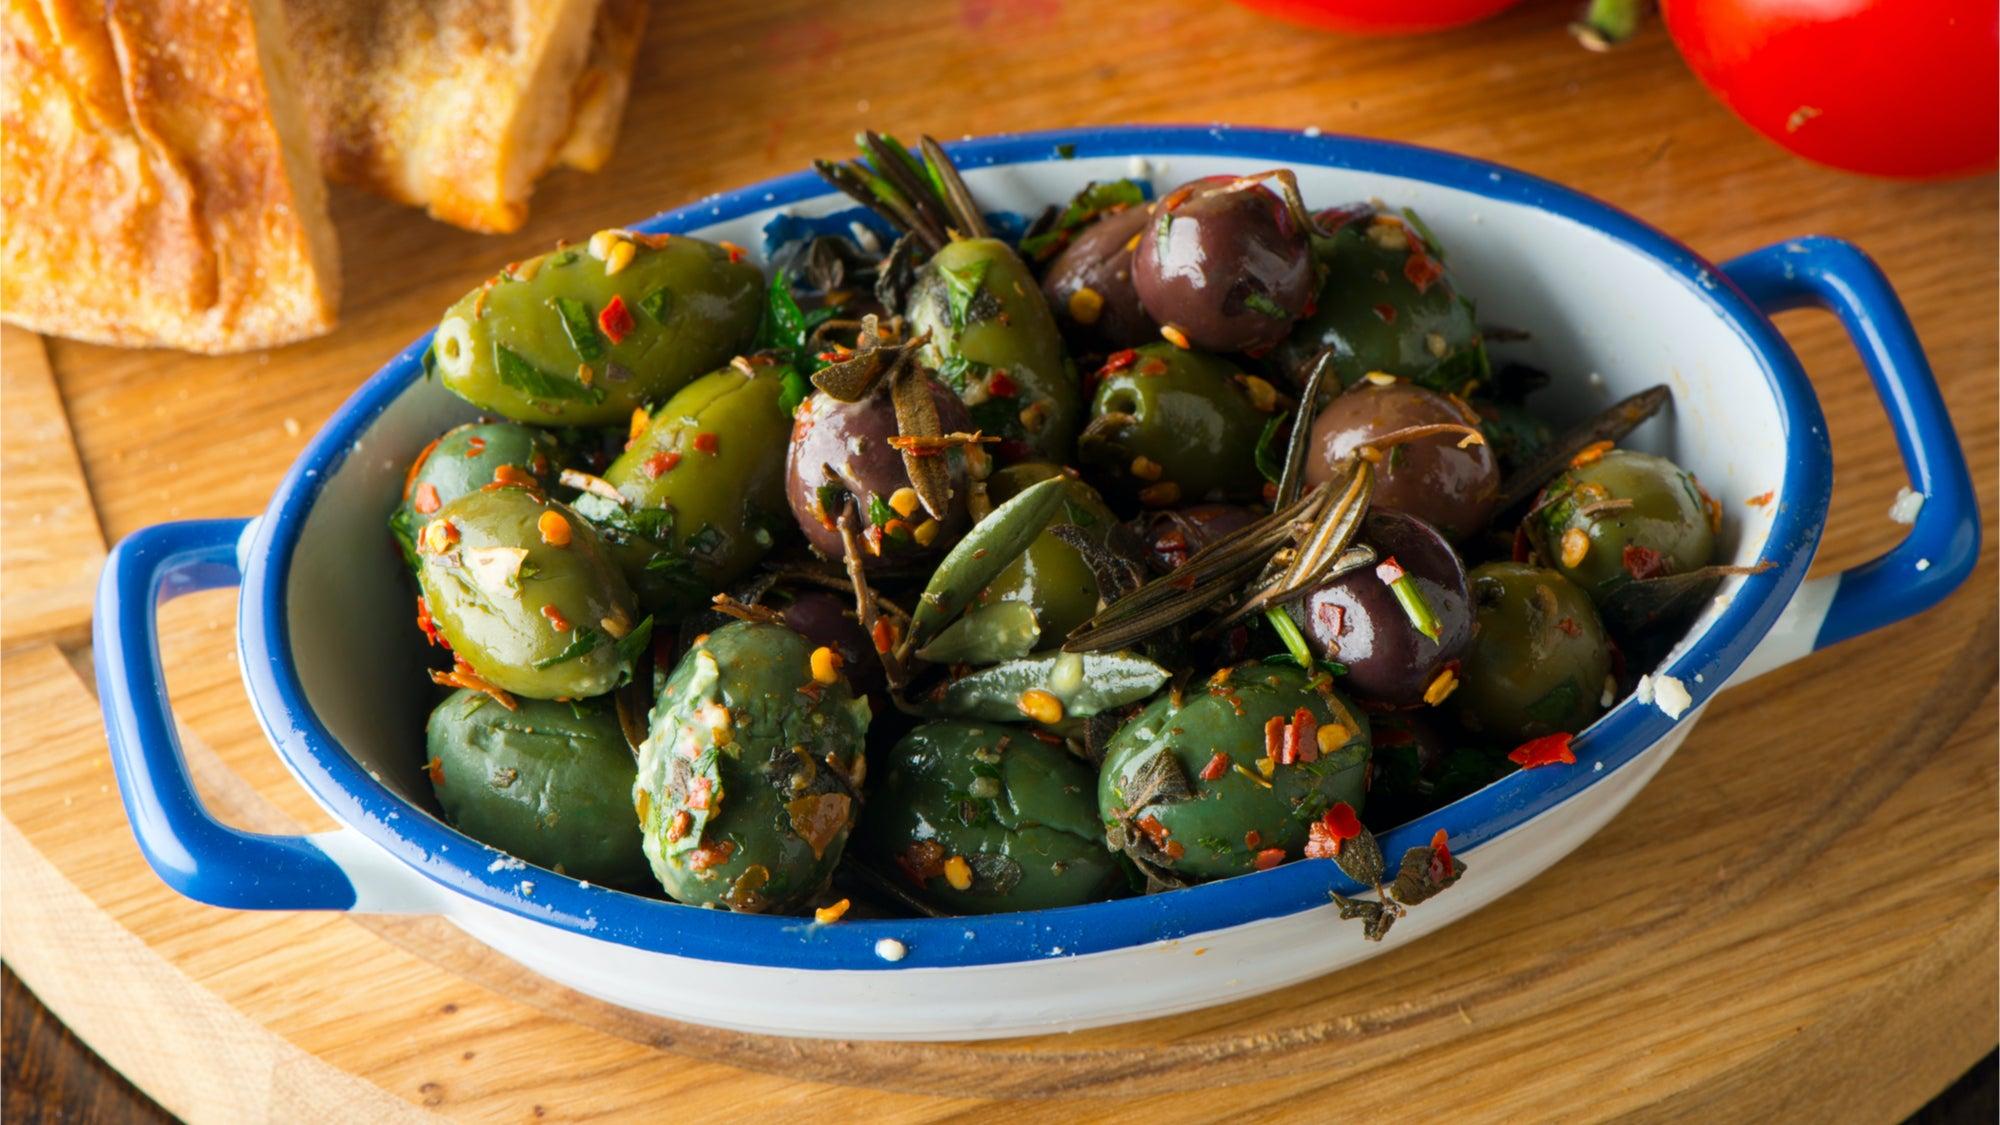 Your Guests Deserve Warmed Olives